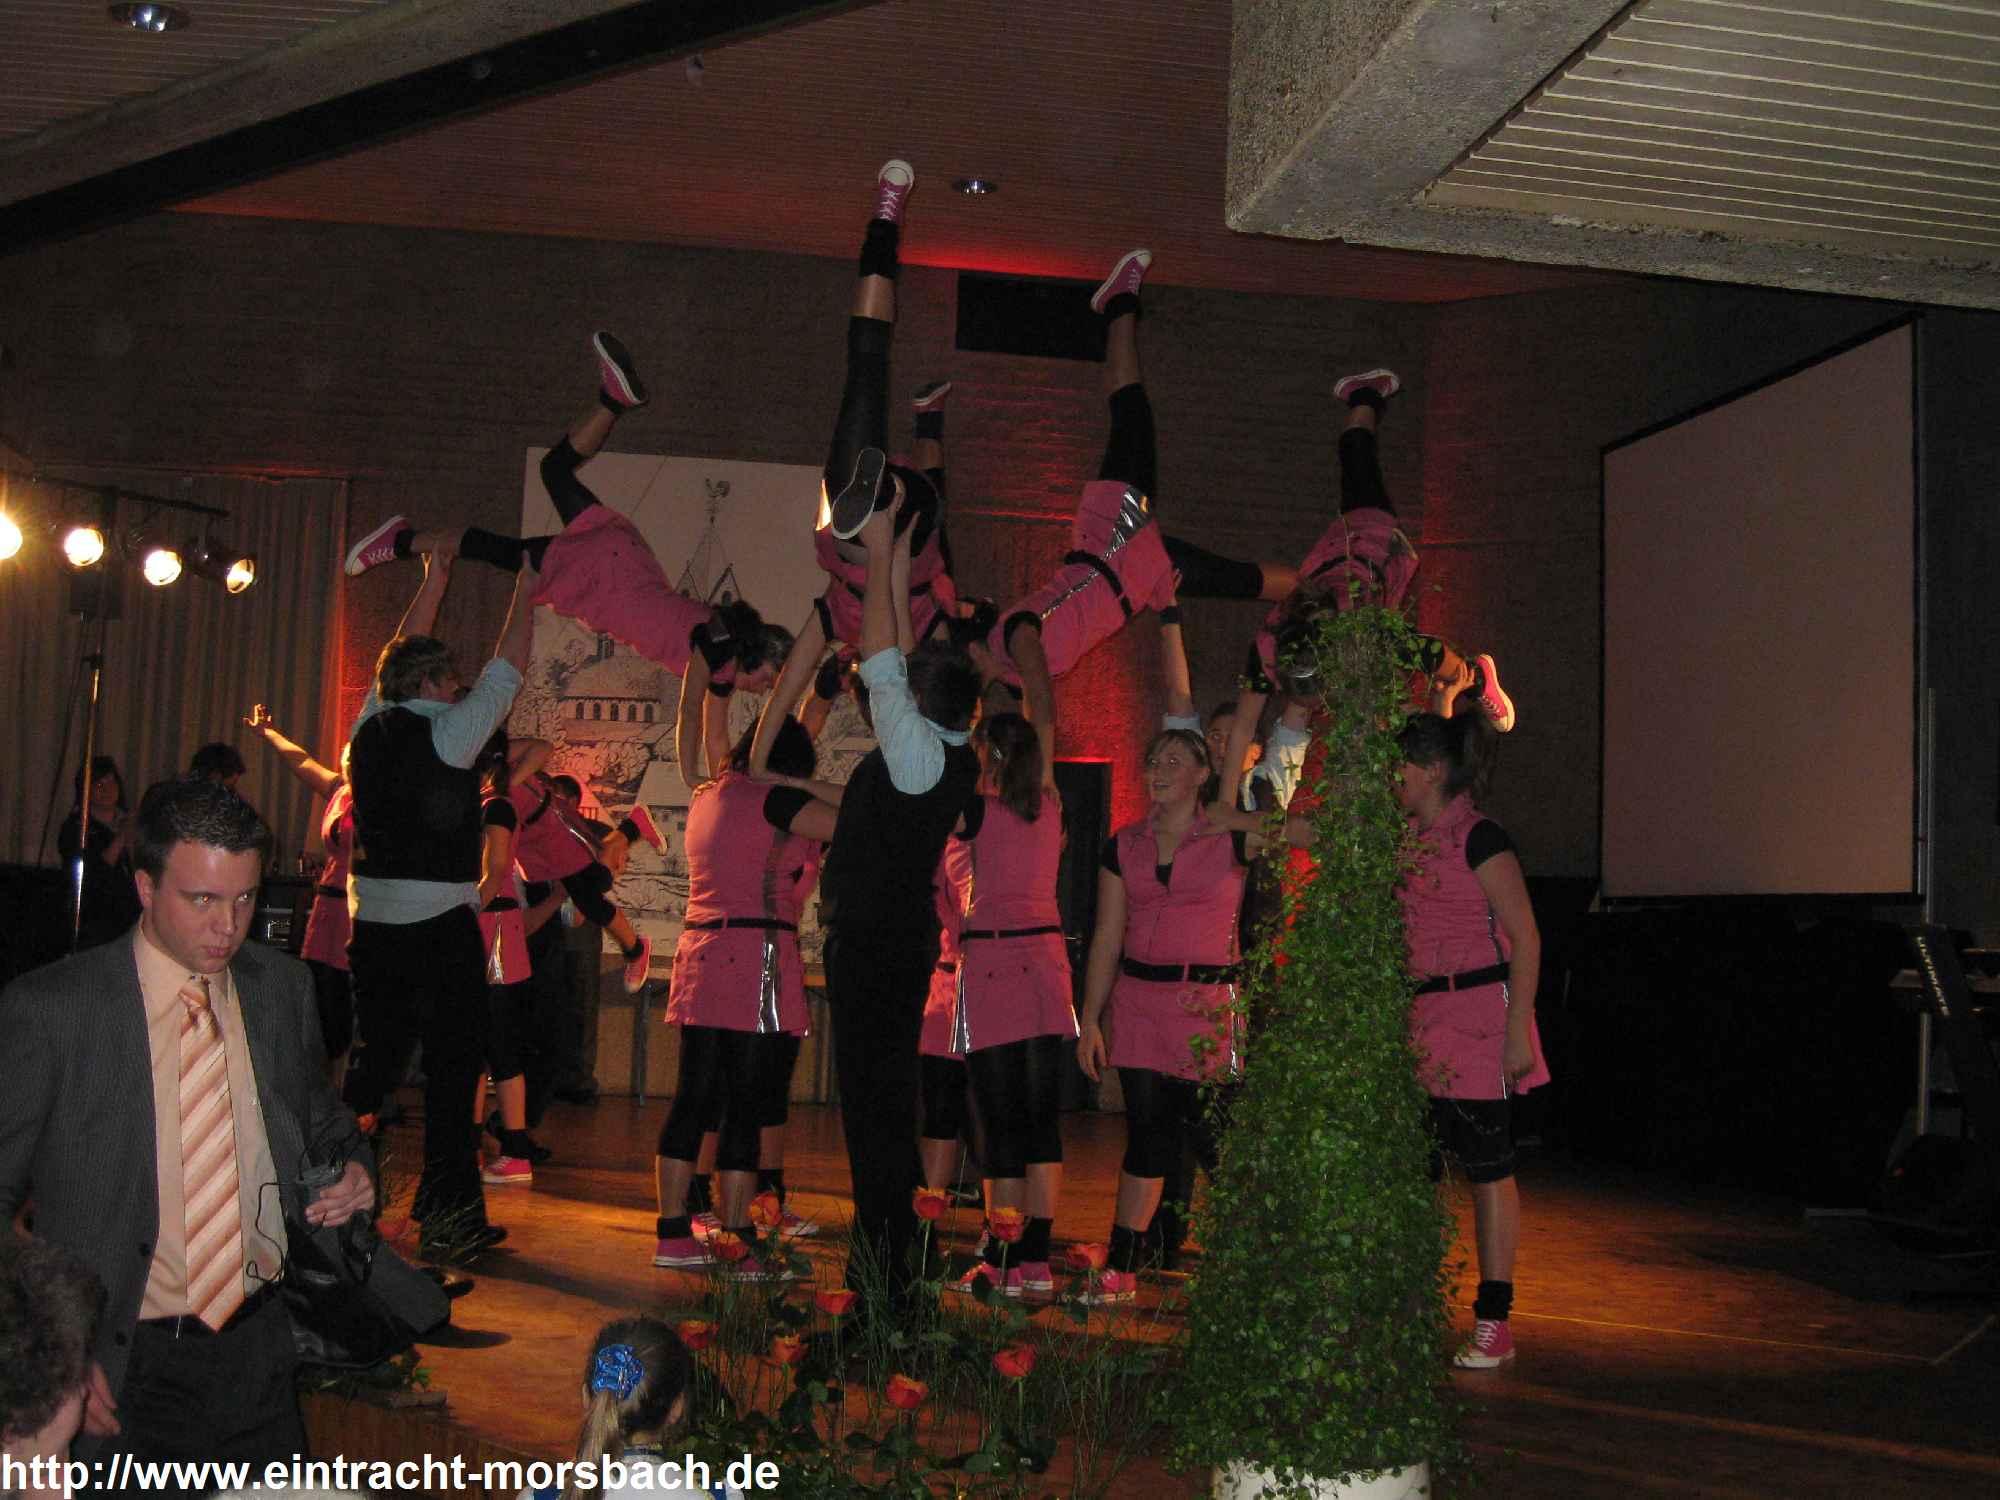 bunter-abend-2009-021